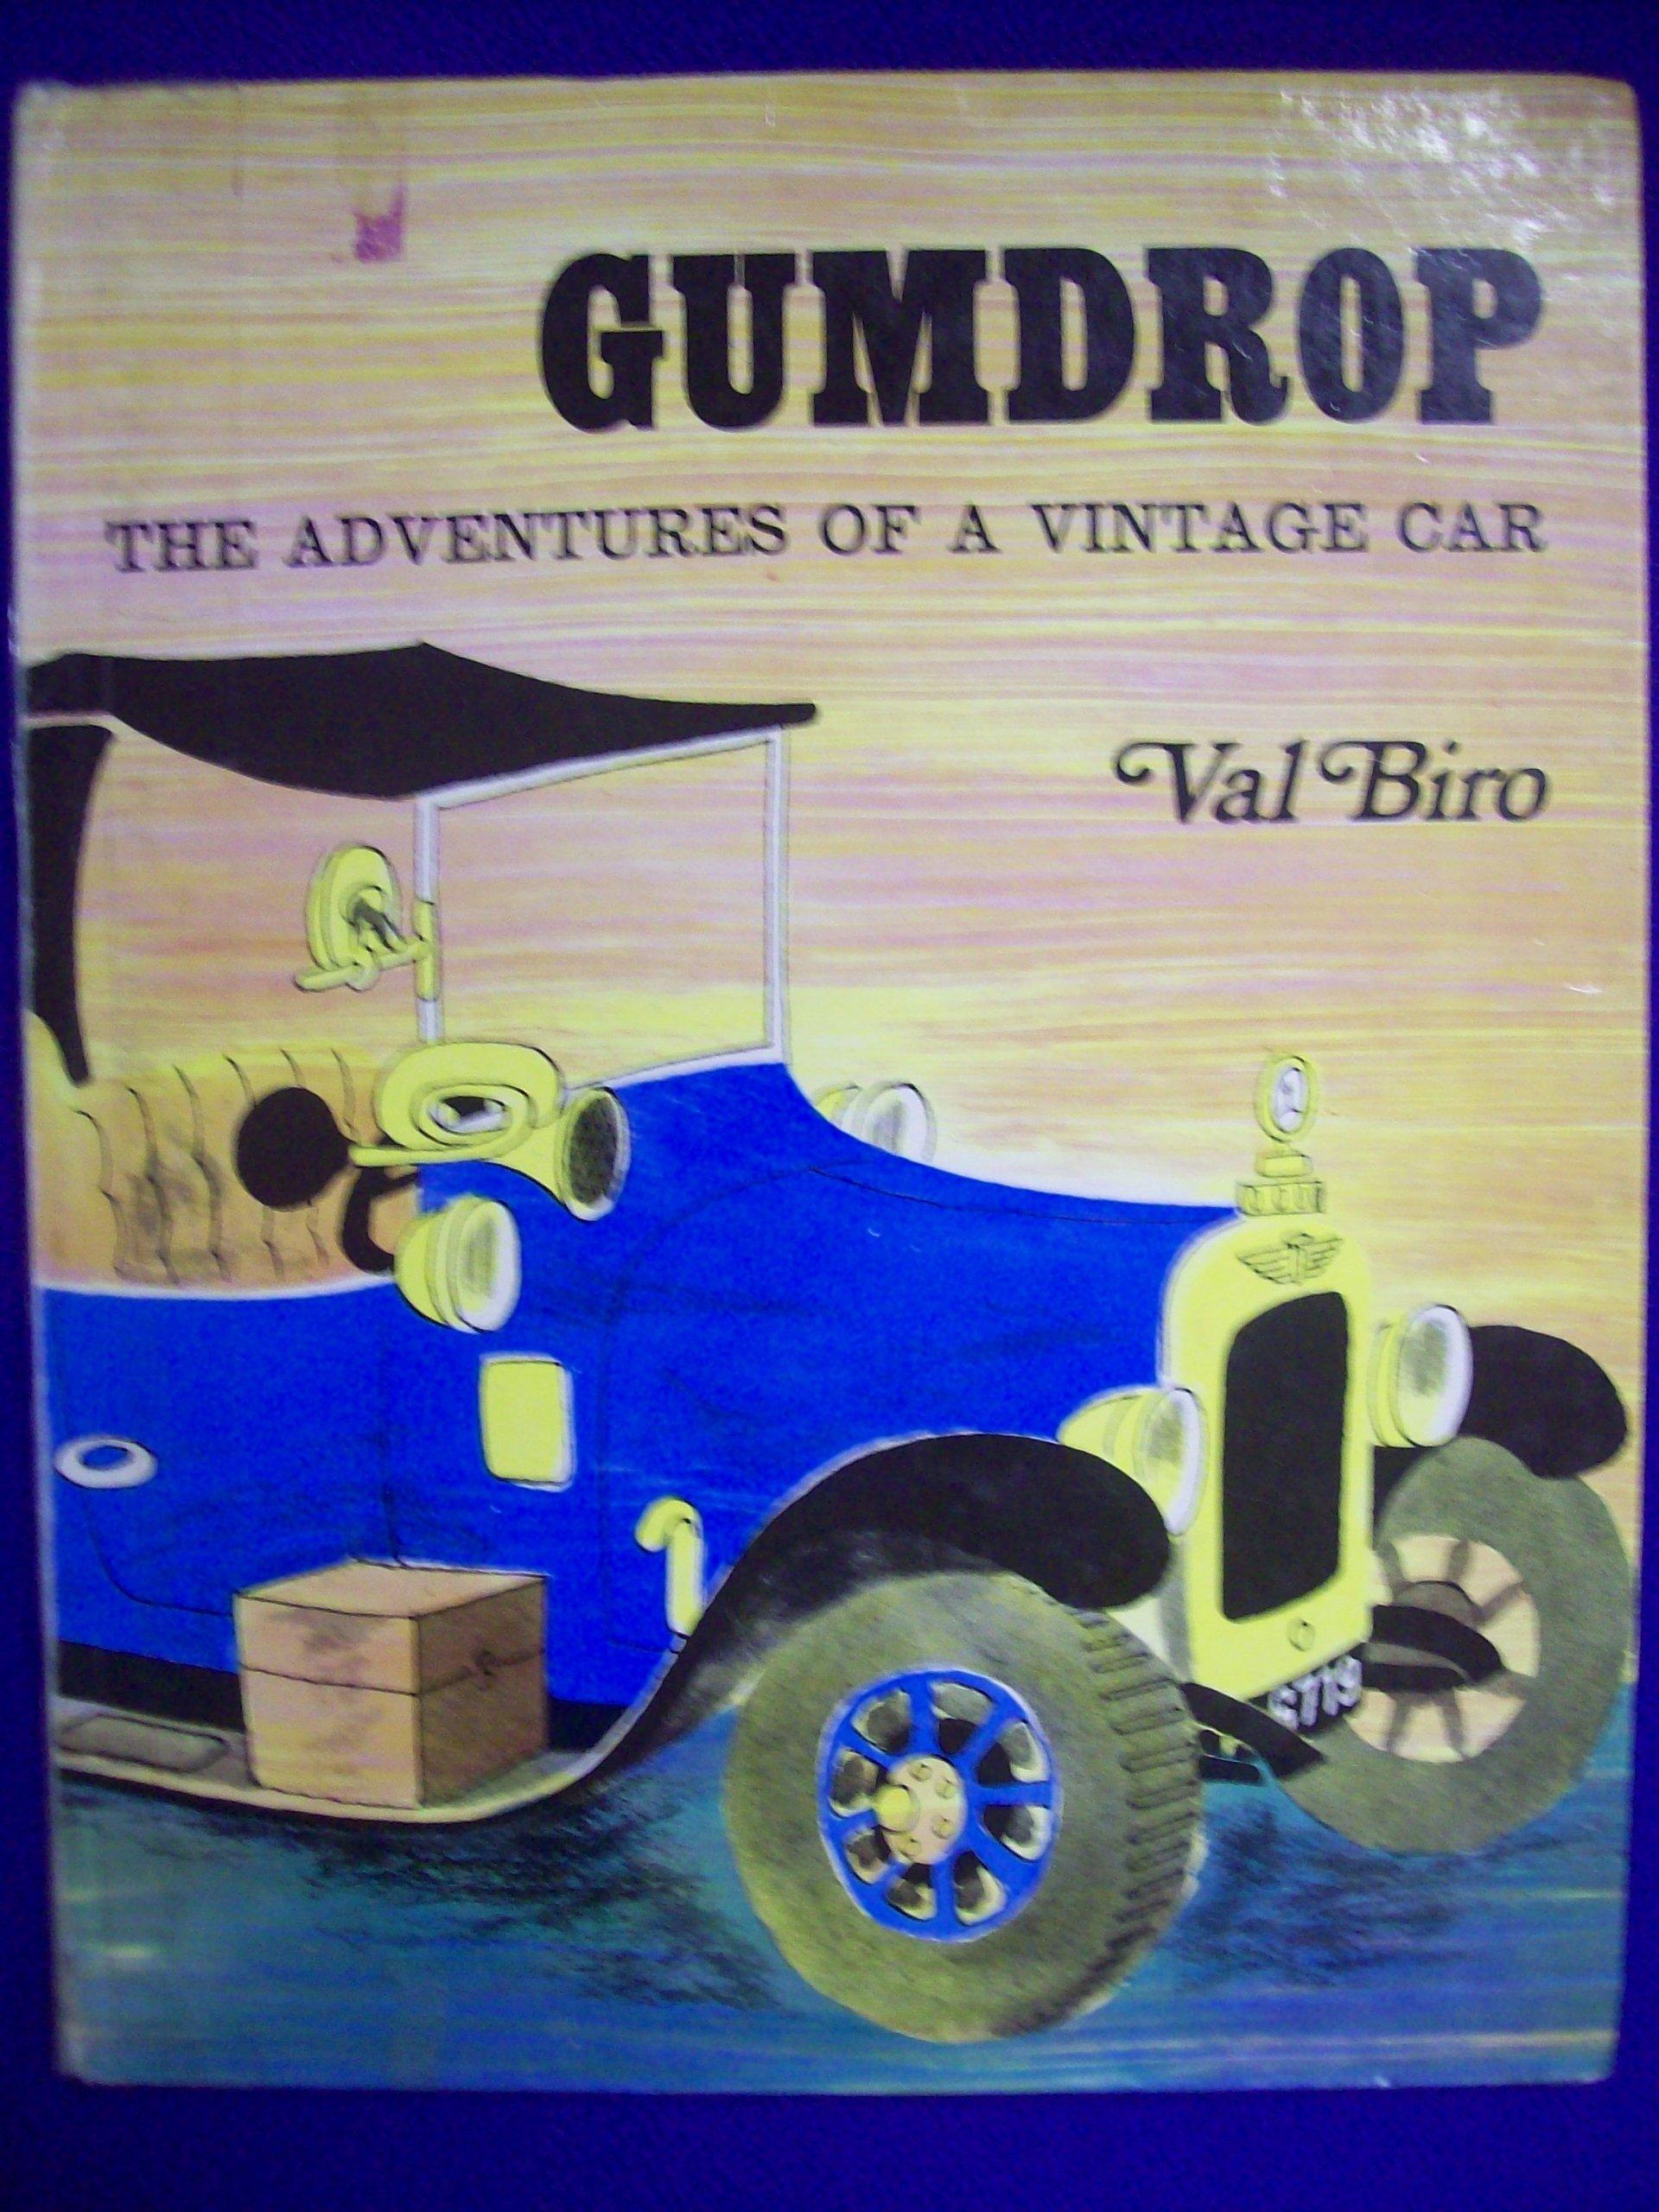 Gumdrop: The Adventures of a Vintage Car: Val Biro: 9780340041109 ...